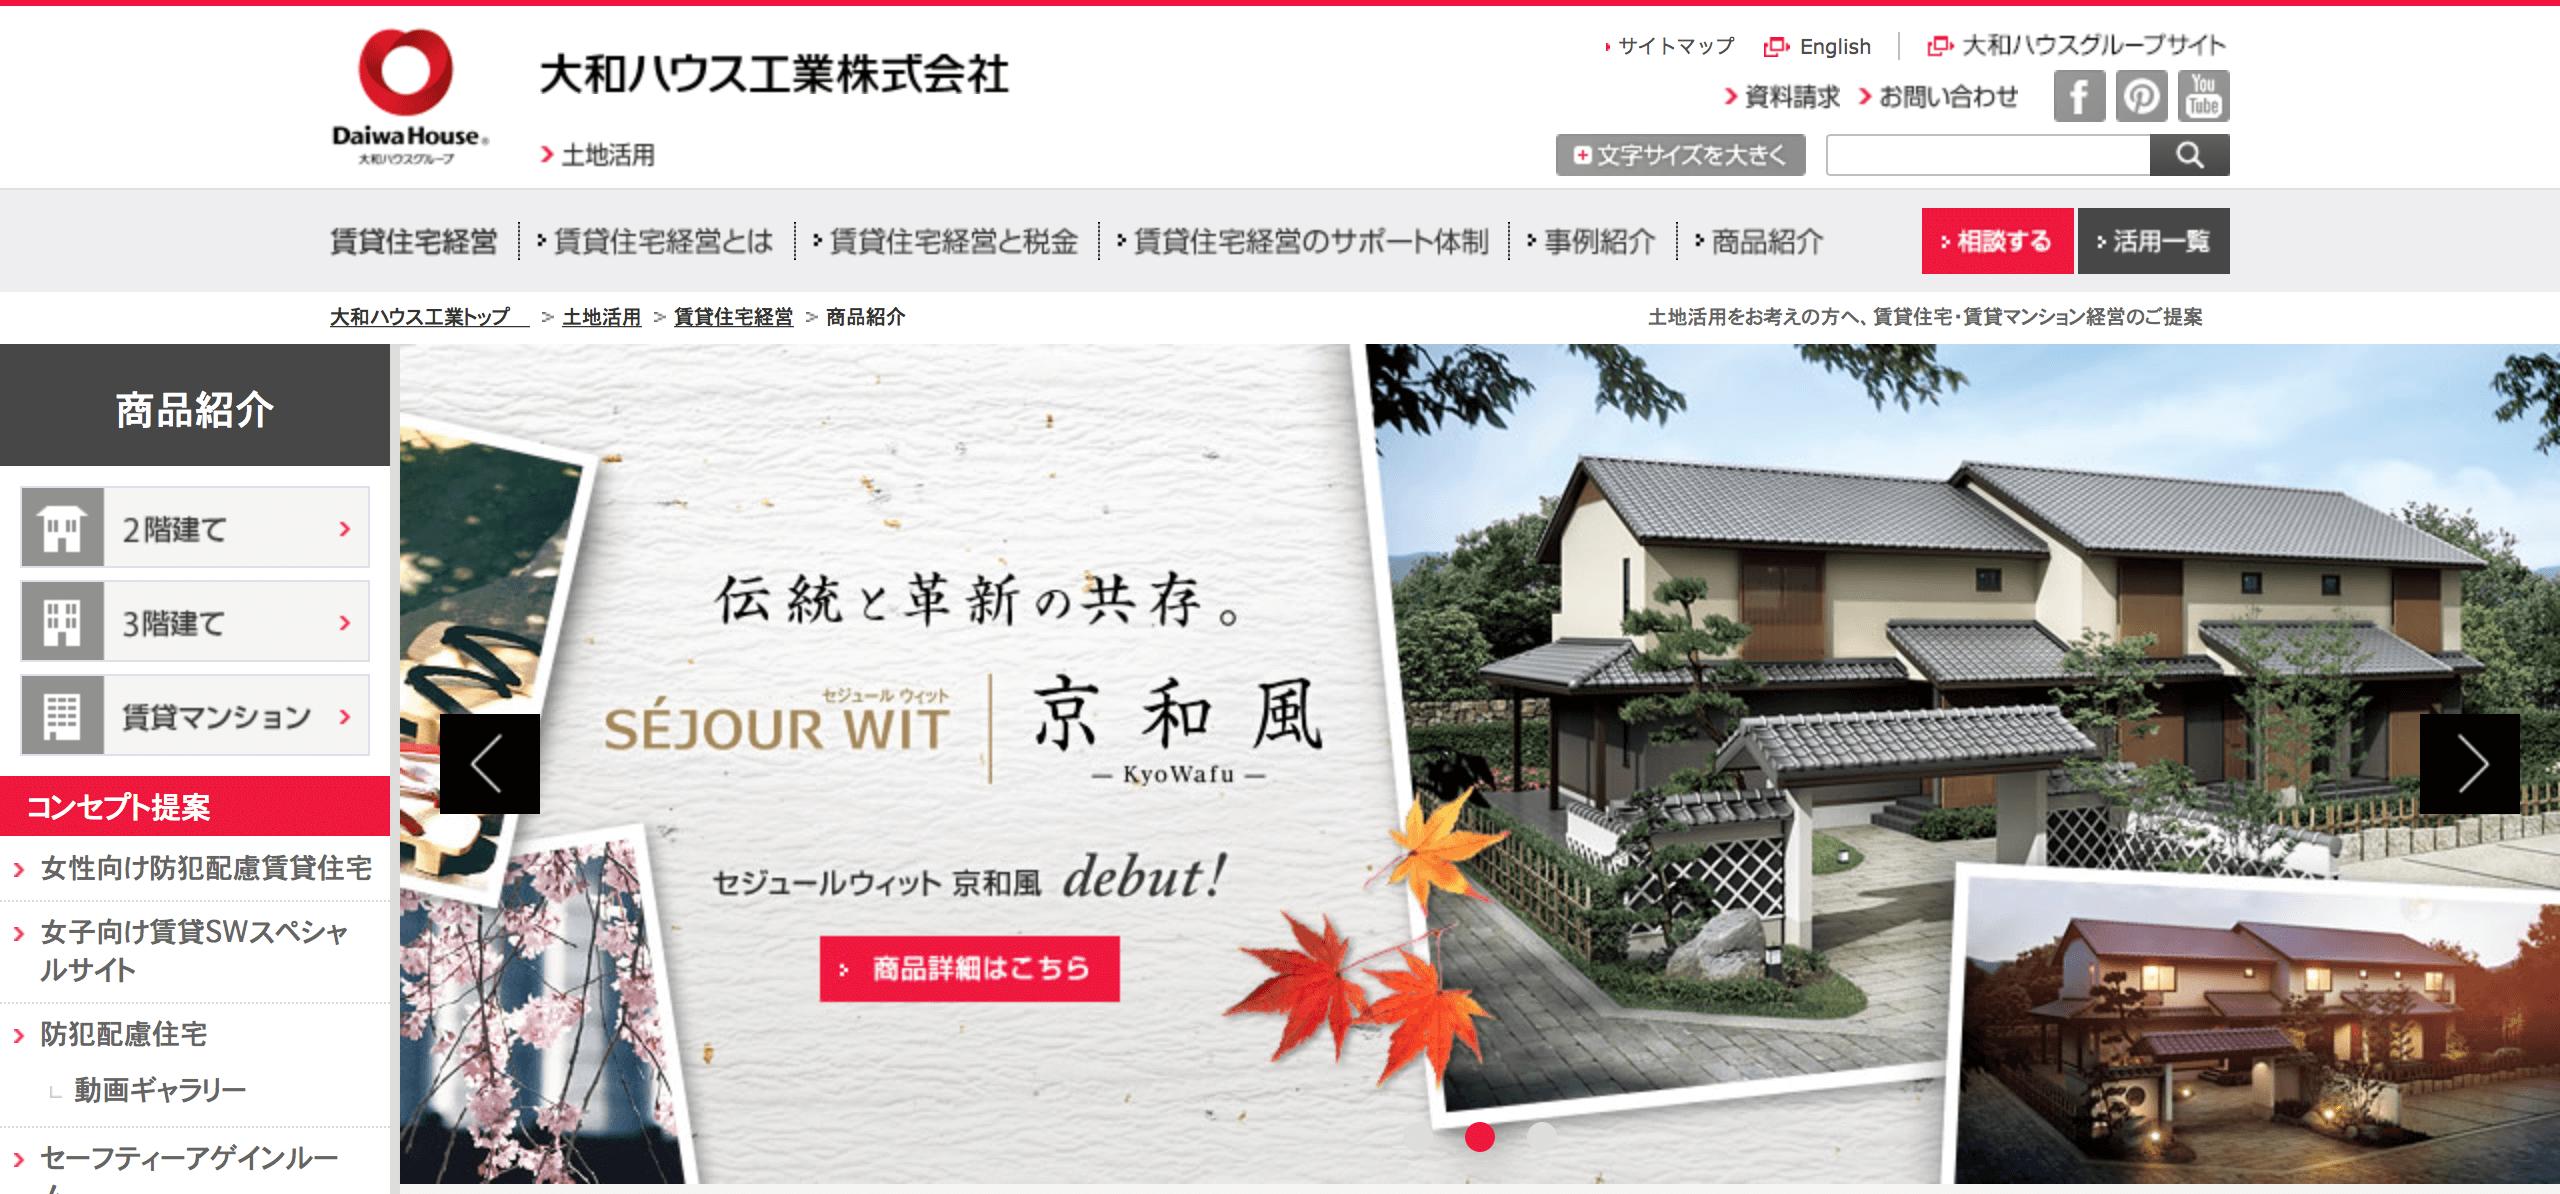 大和ハウス工業株式会社の公式ページ